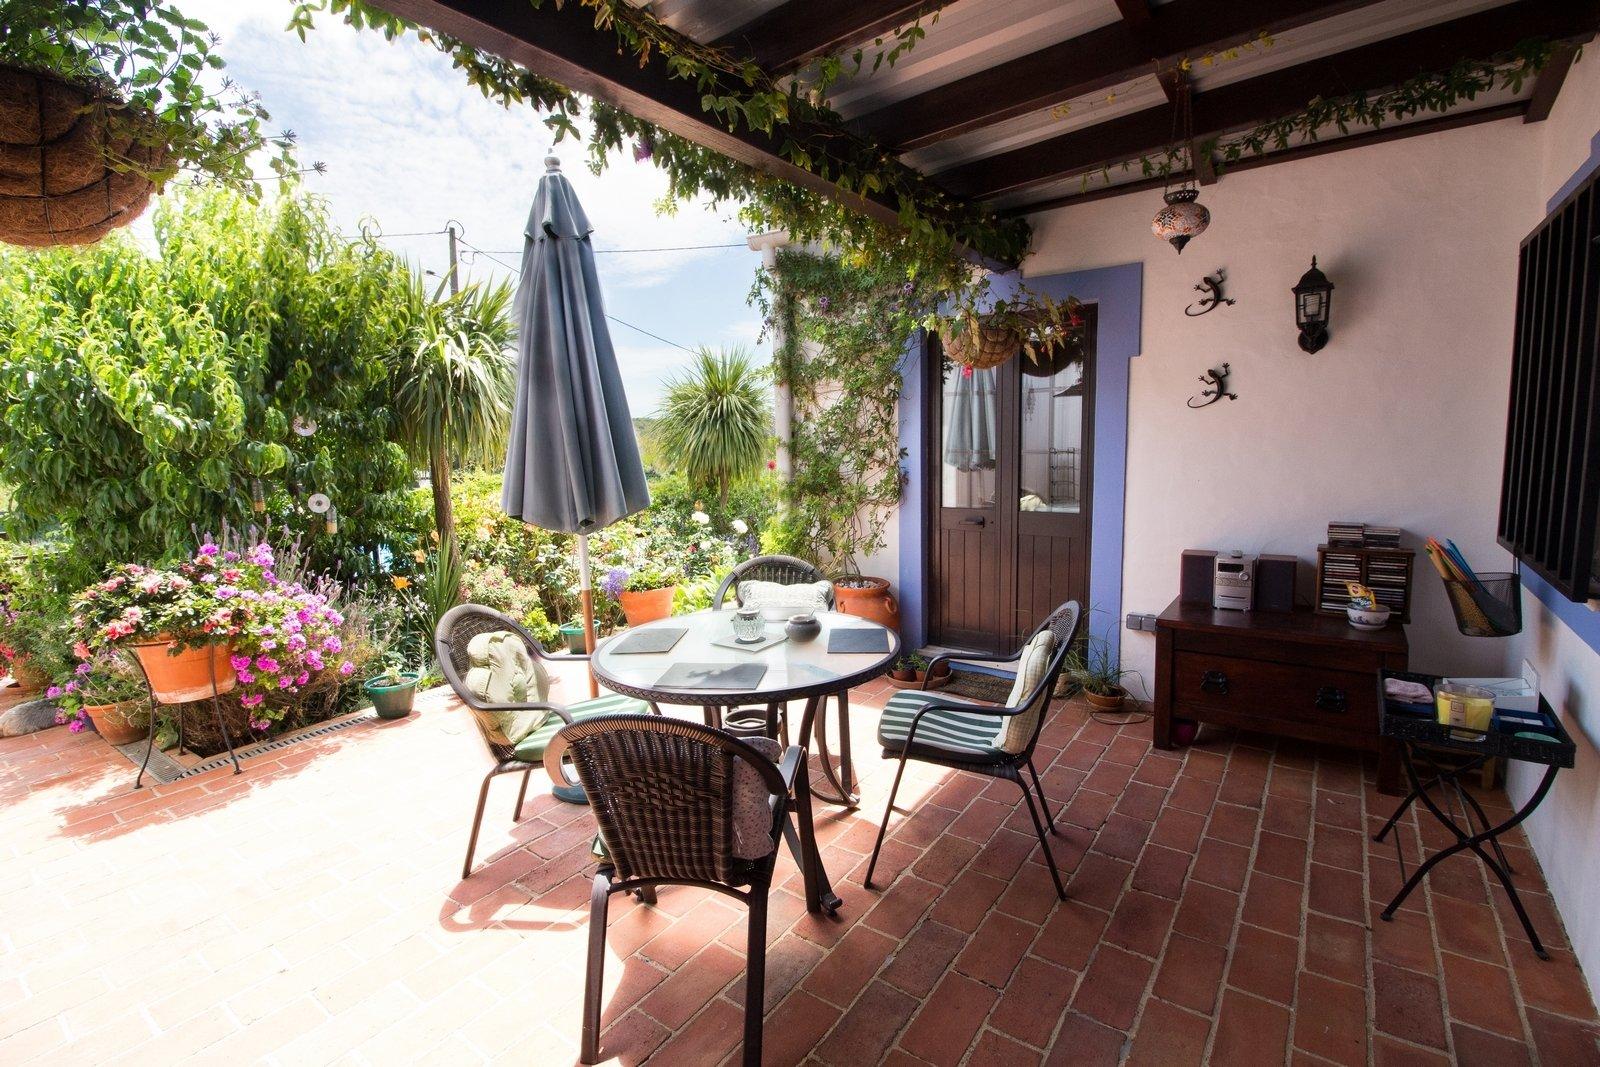 4 Bedroom Villa Loule, Central Algarve Ref: PV3369